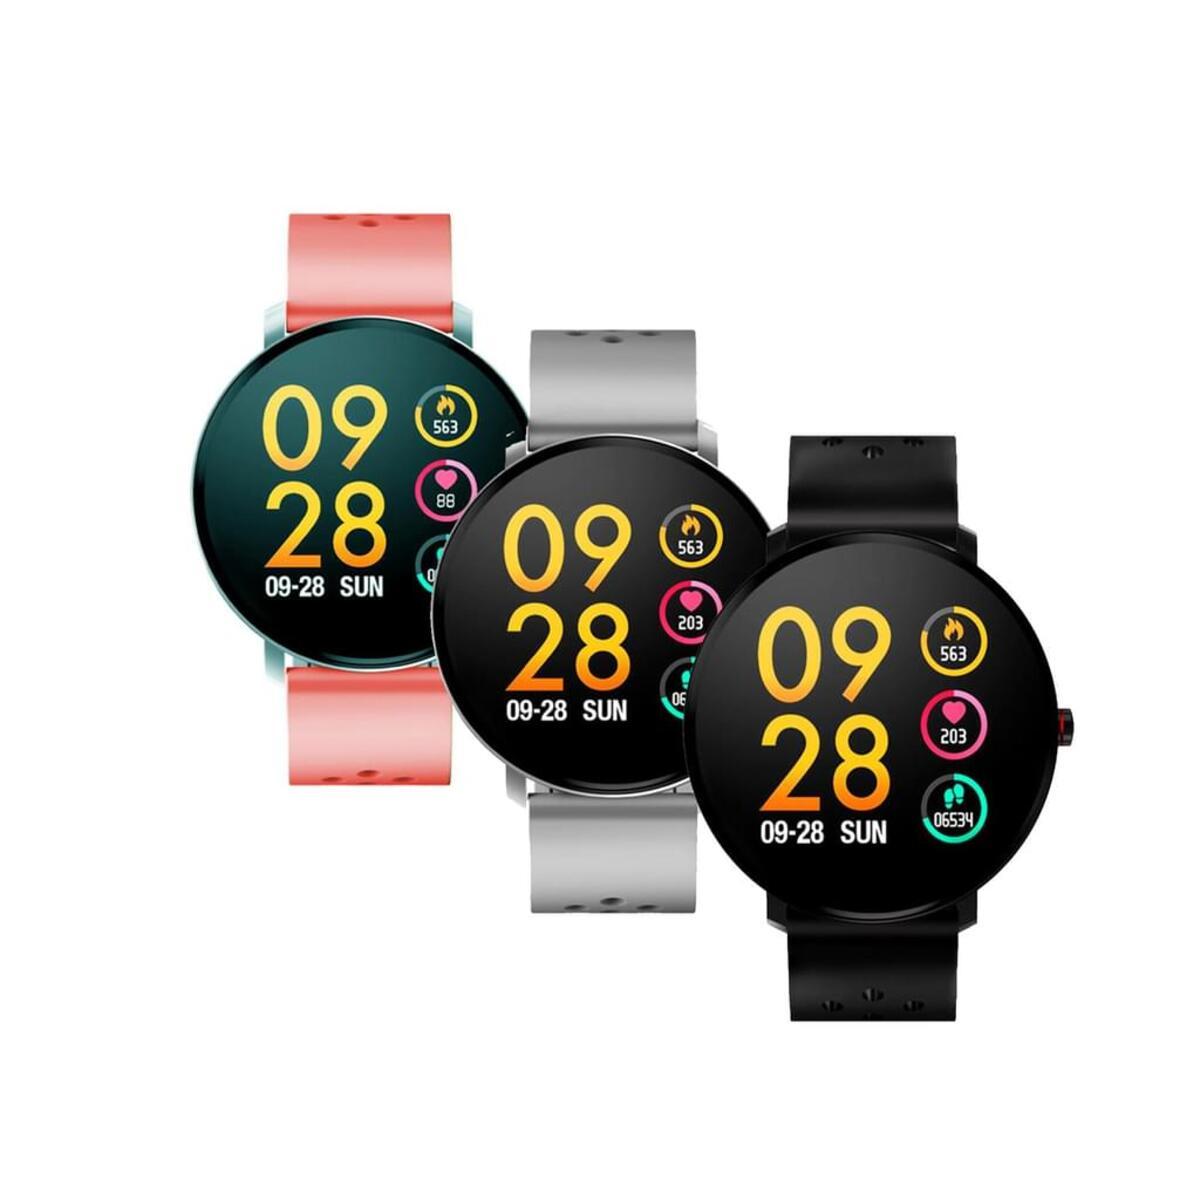 Bild 1 von Denver Smartwatch SW-171, Bluetooth, Touchscreen, Farbe: Rose